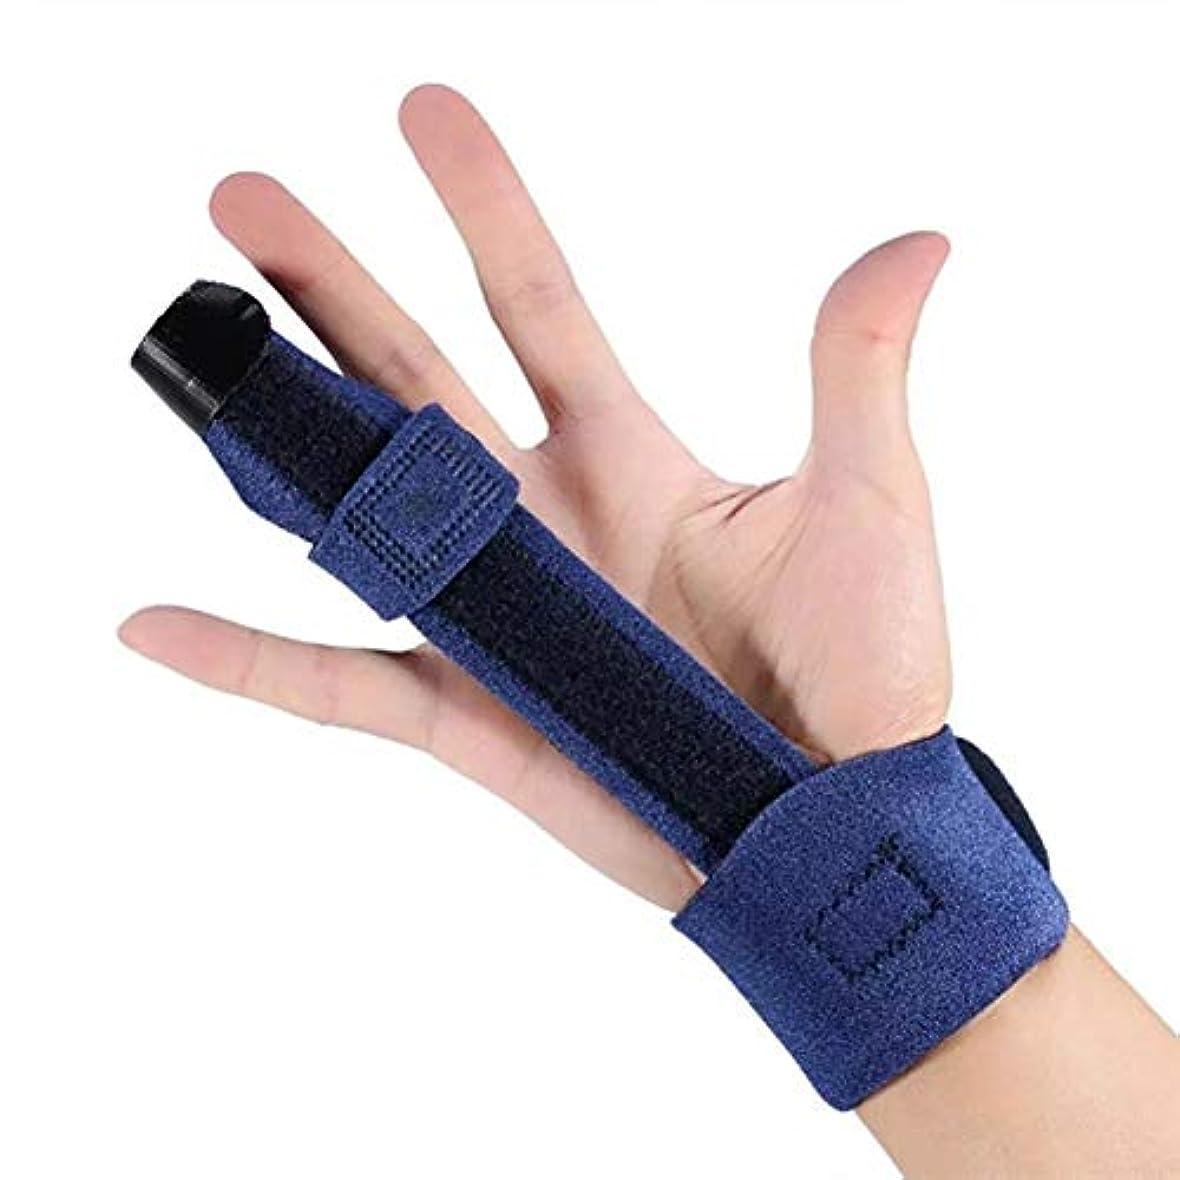 兄弟愛パニック引っ張るフィンガースプリントフィンガーボードフィンガーセパレーター,フィンガースプリント、指拡張スプリント、指ナックル固定化、傷、術後ケアと痛みを軽減します